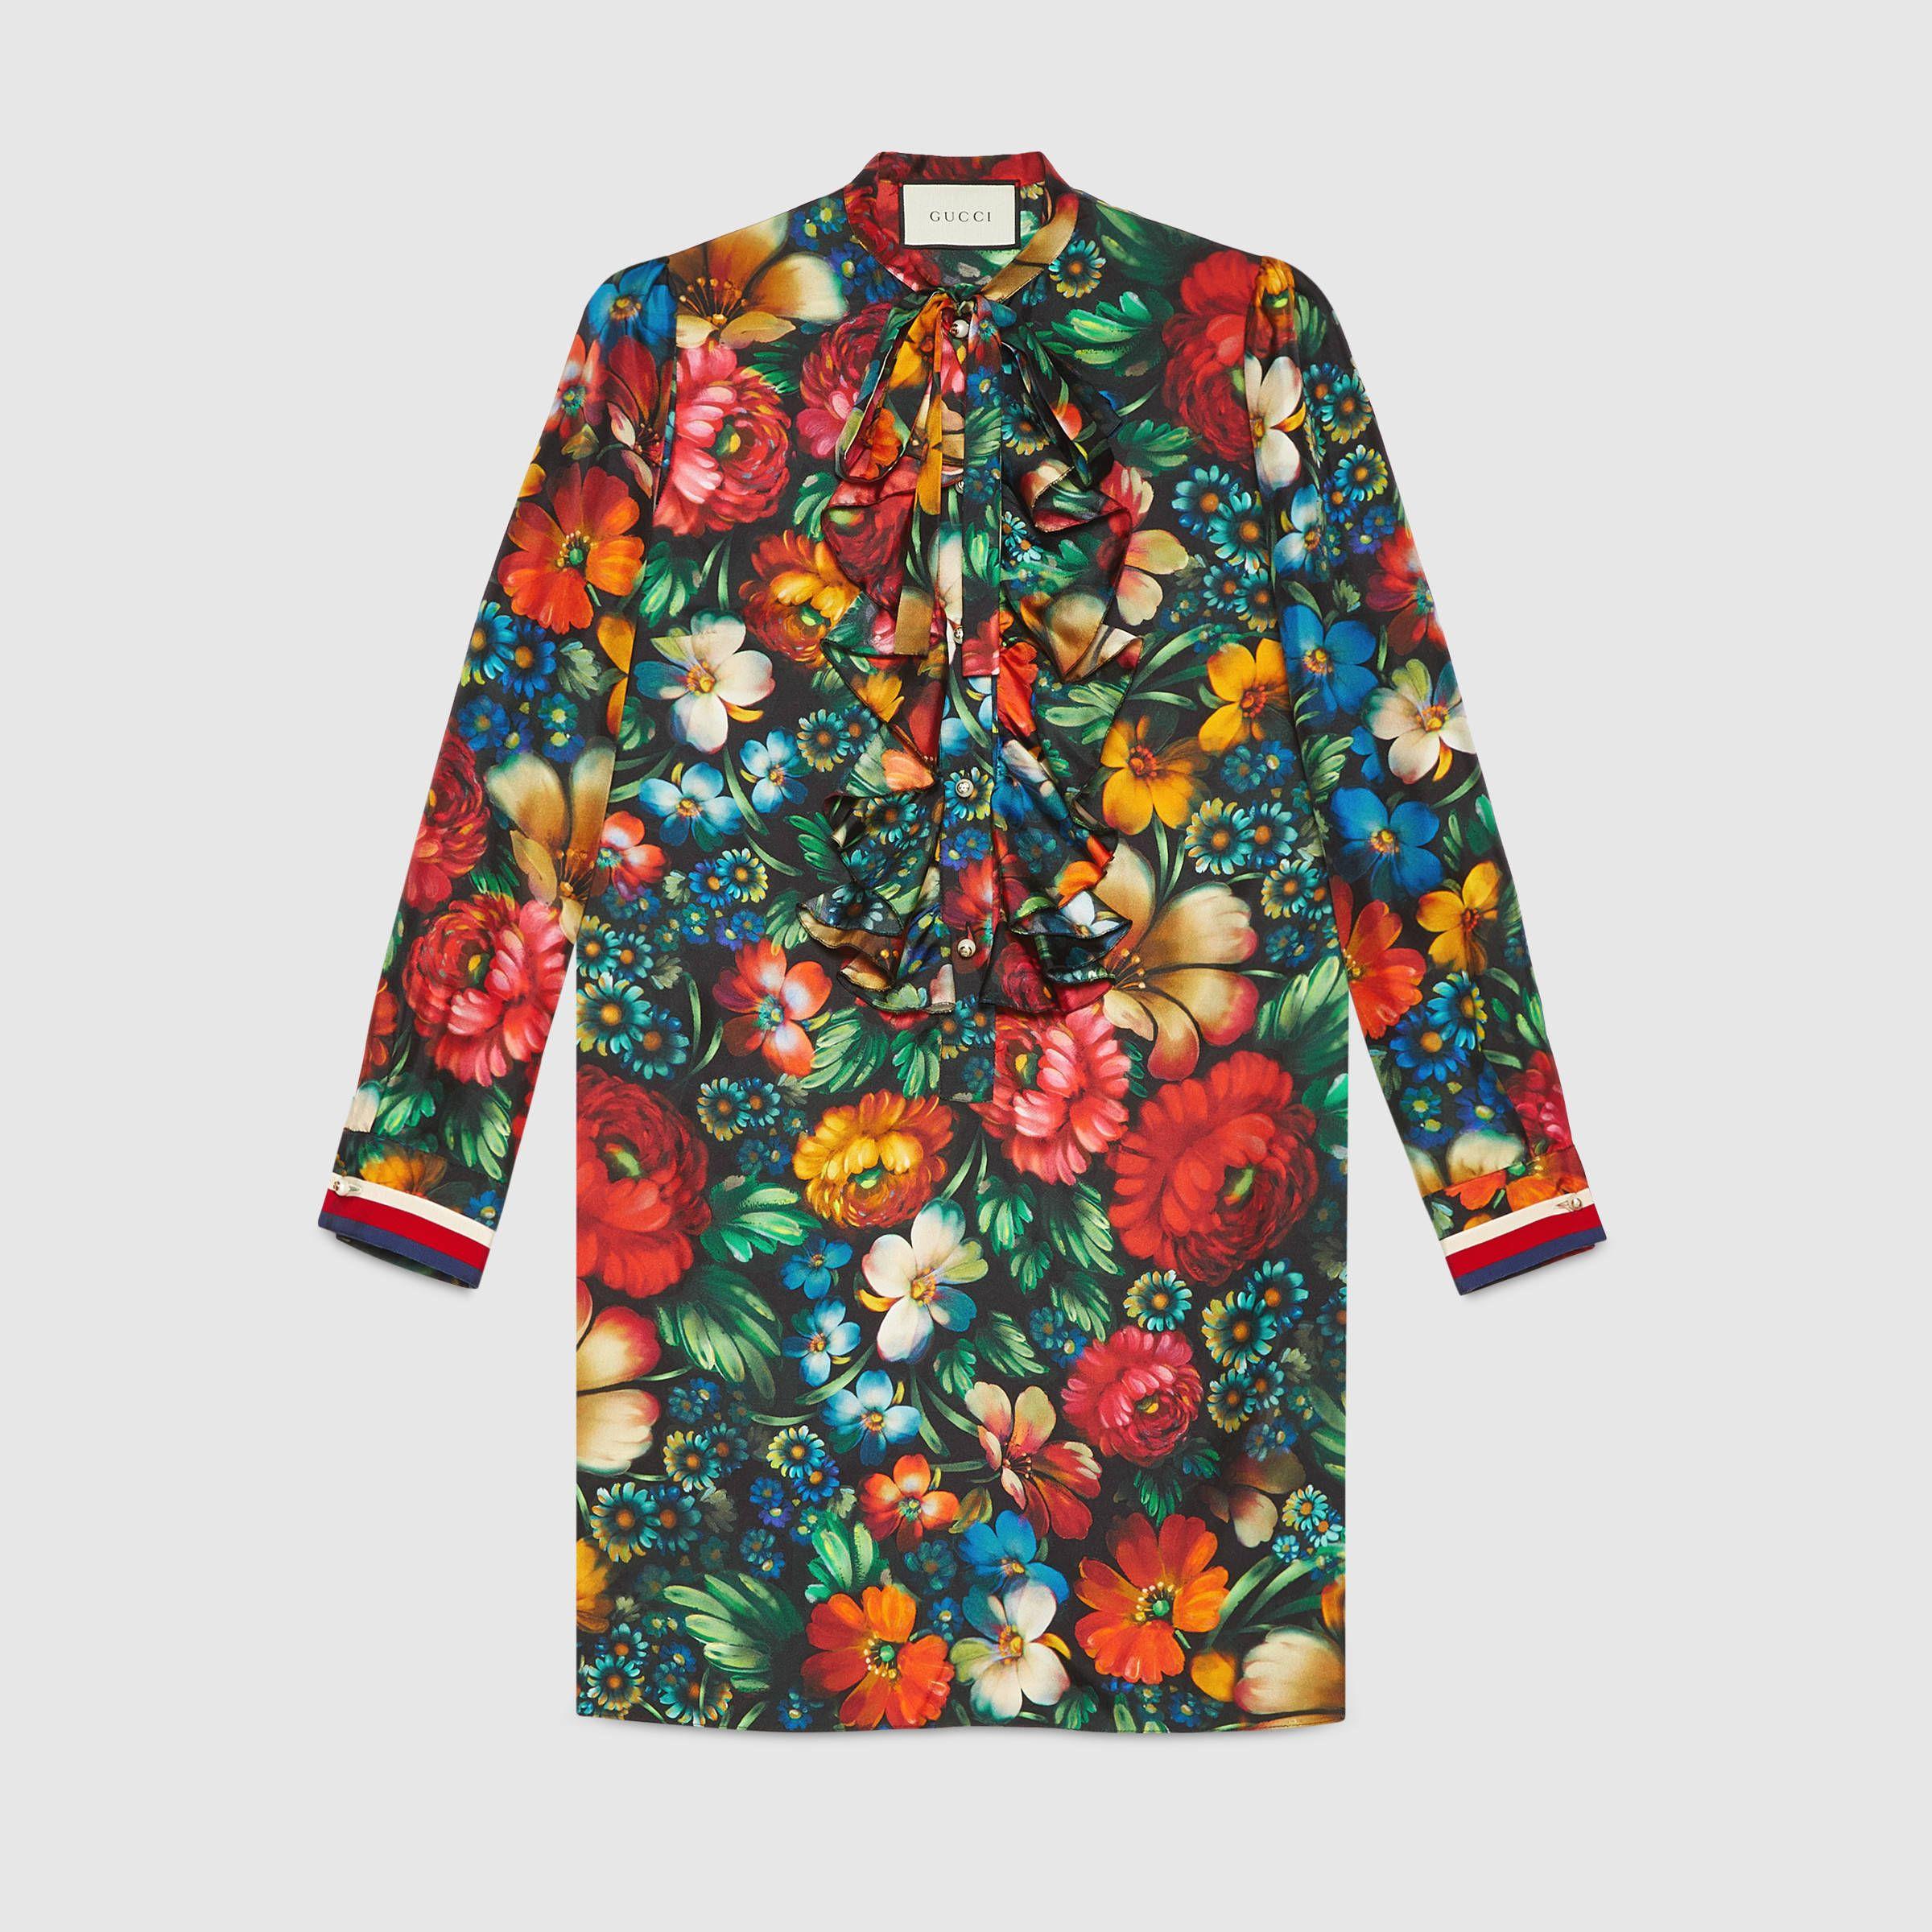 ac270edad74 Robe en soie à imprimé fleuri - Gucci Robes Femme 453014ZIP061106 ...